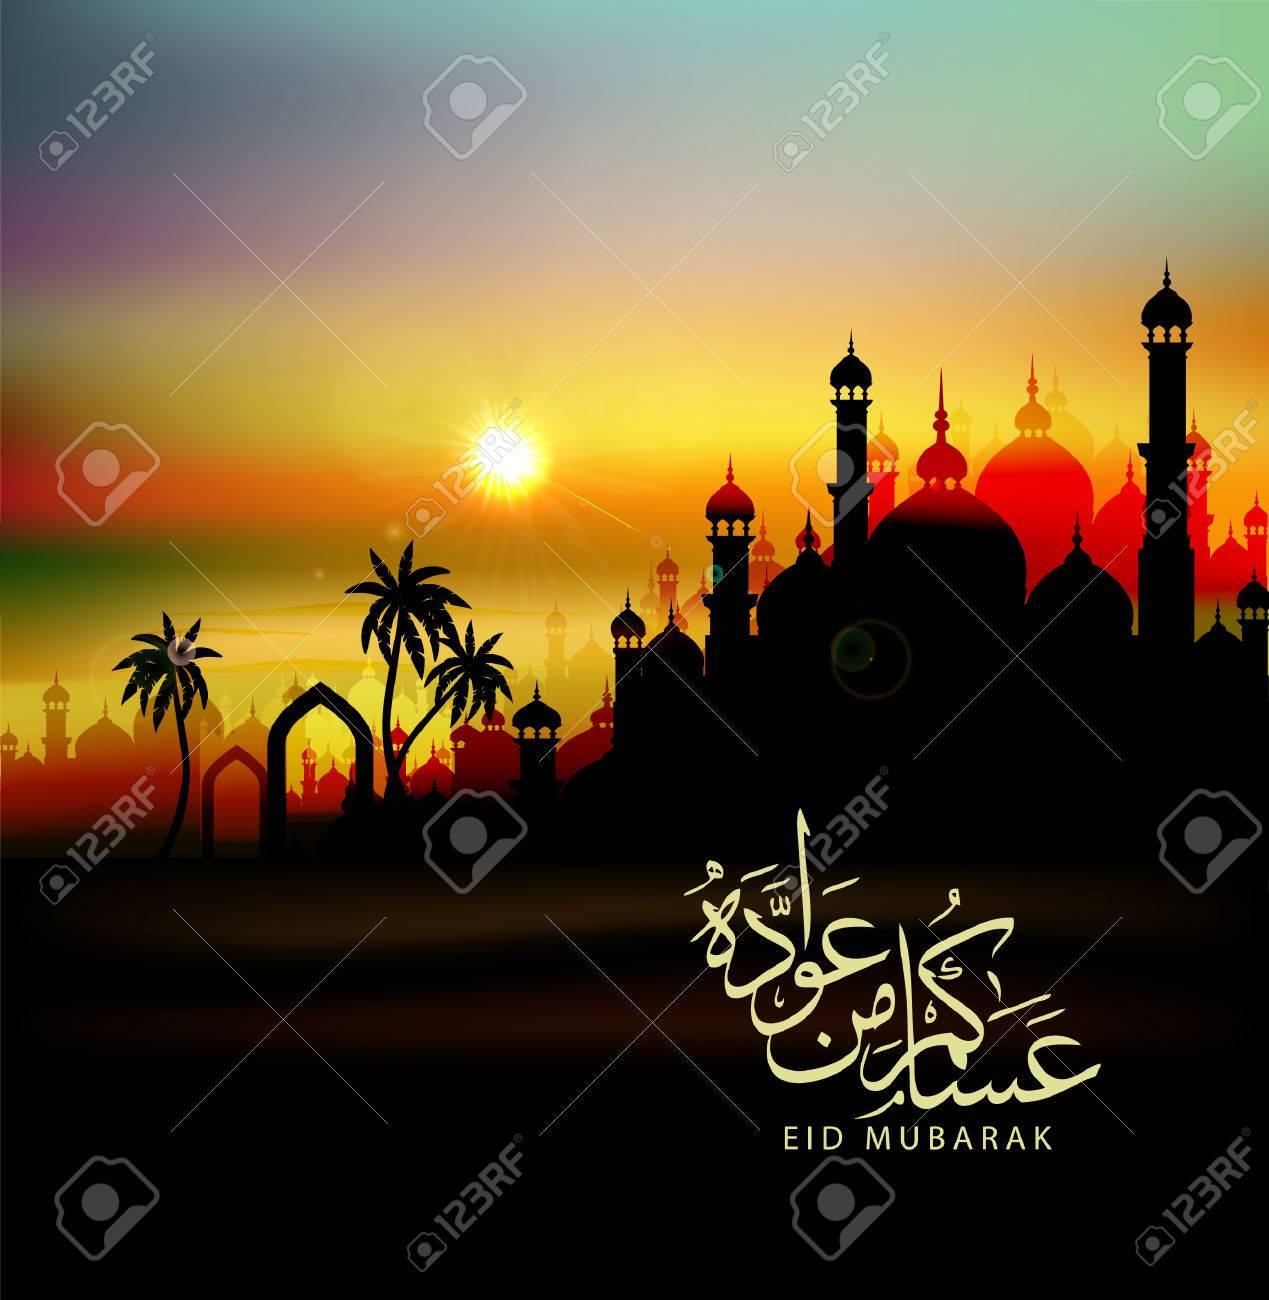 Fantastic Eid Holiday Eid Al-Fitr Greeting - 65676343--eid-mubarak-greeting-card-islamic-background-for-muslims-holidays-such-as-eid-al-fitr-eid-al-adha-a  Image_42728 .jpg